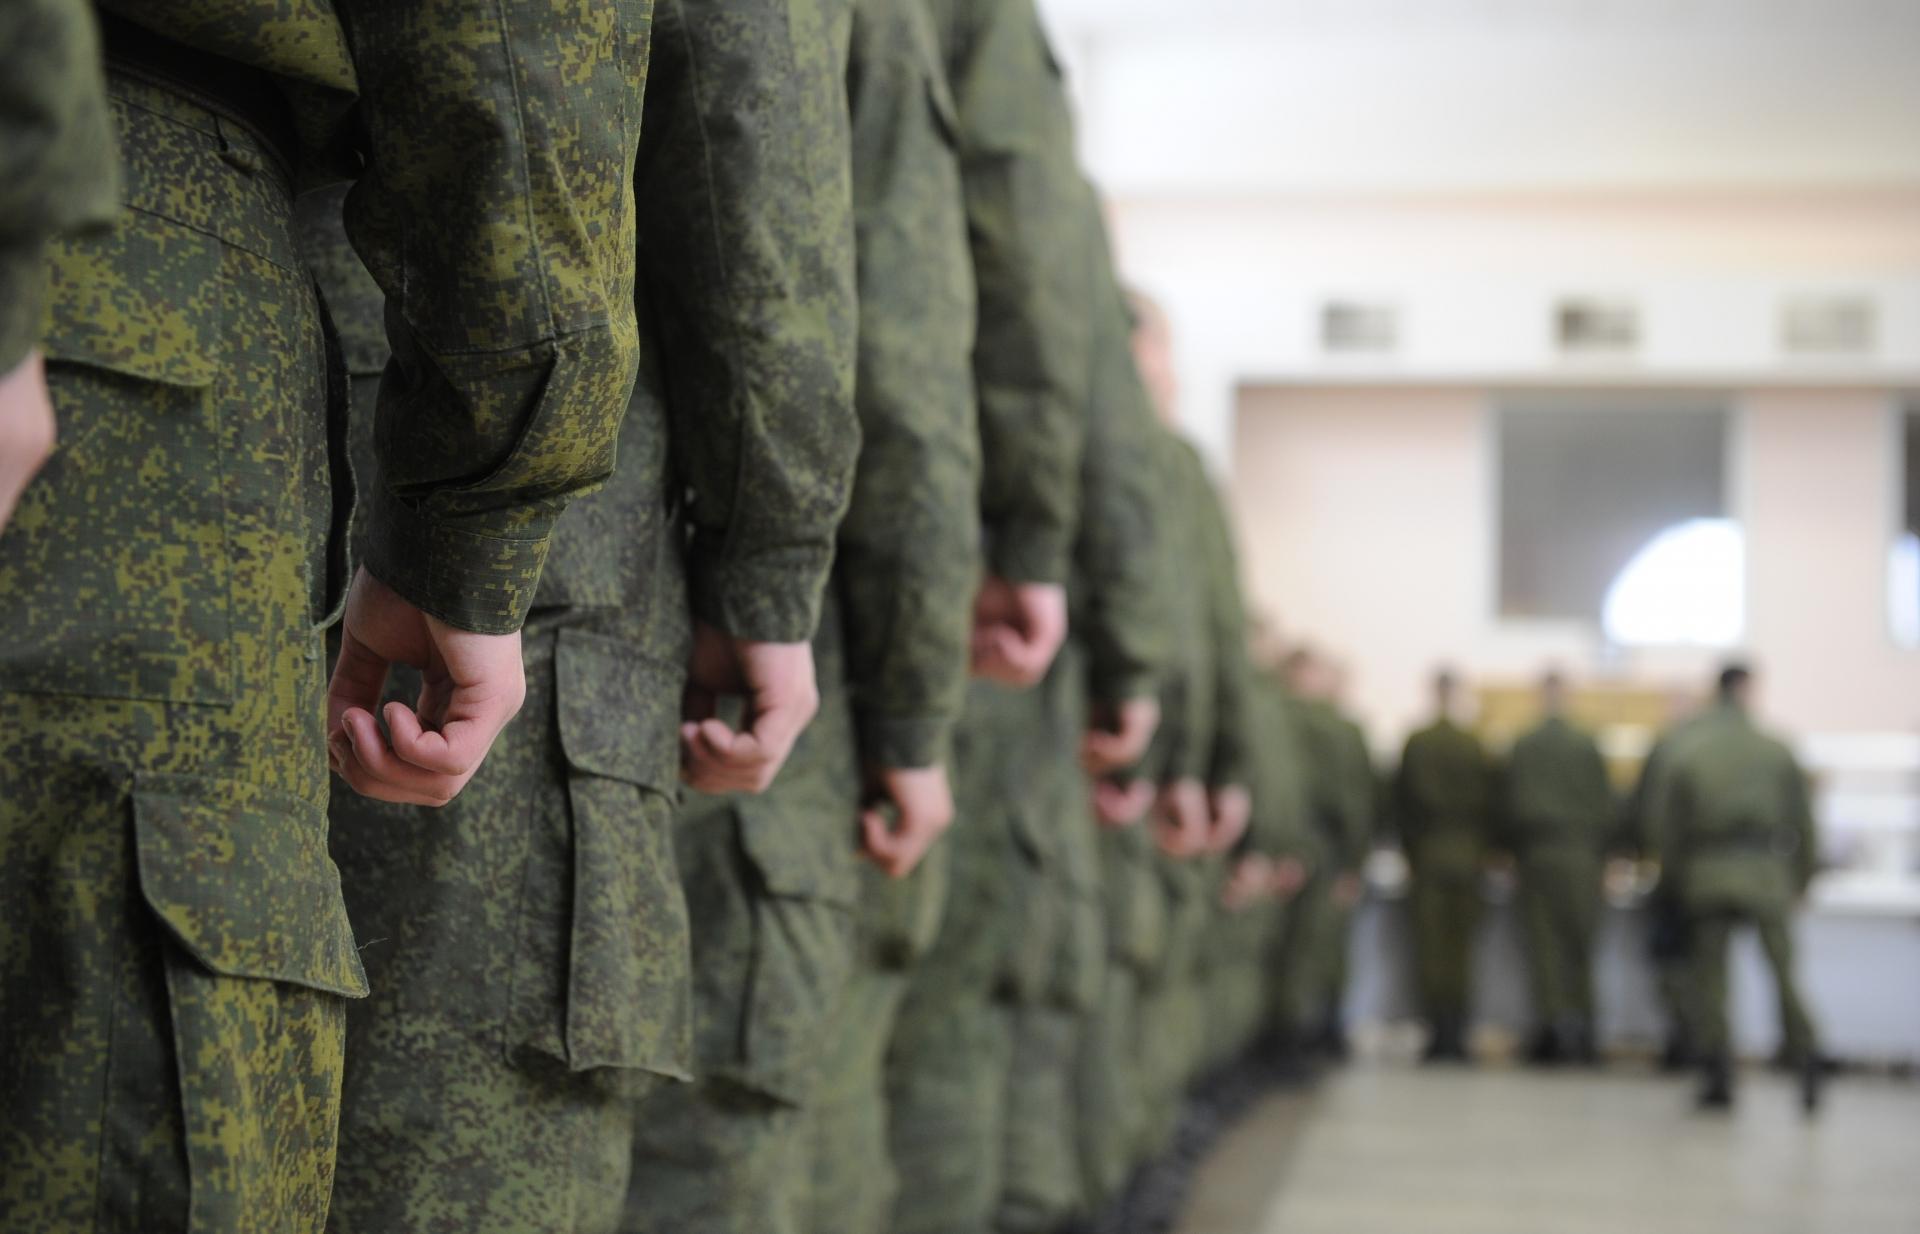 Вакантная воинская должность будет подобрана специалистами пункта отбора с учетом сведений, которые гражданин сообщит о себе в ходе консультации.